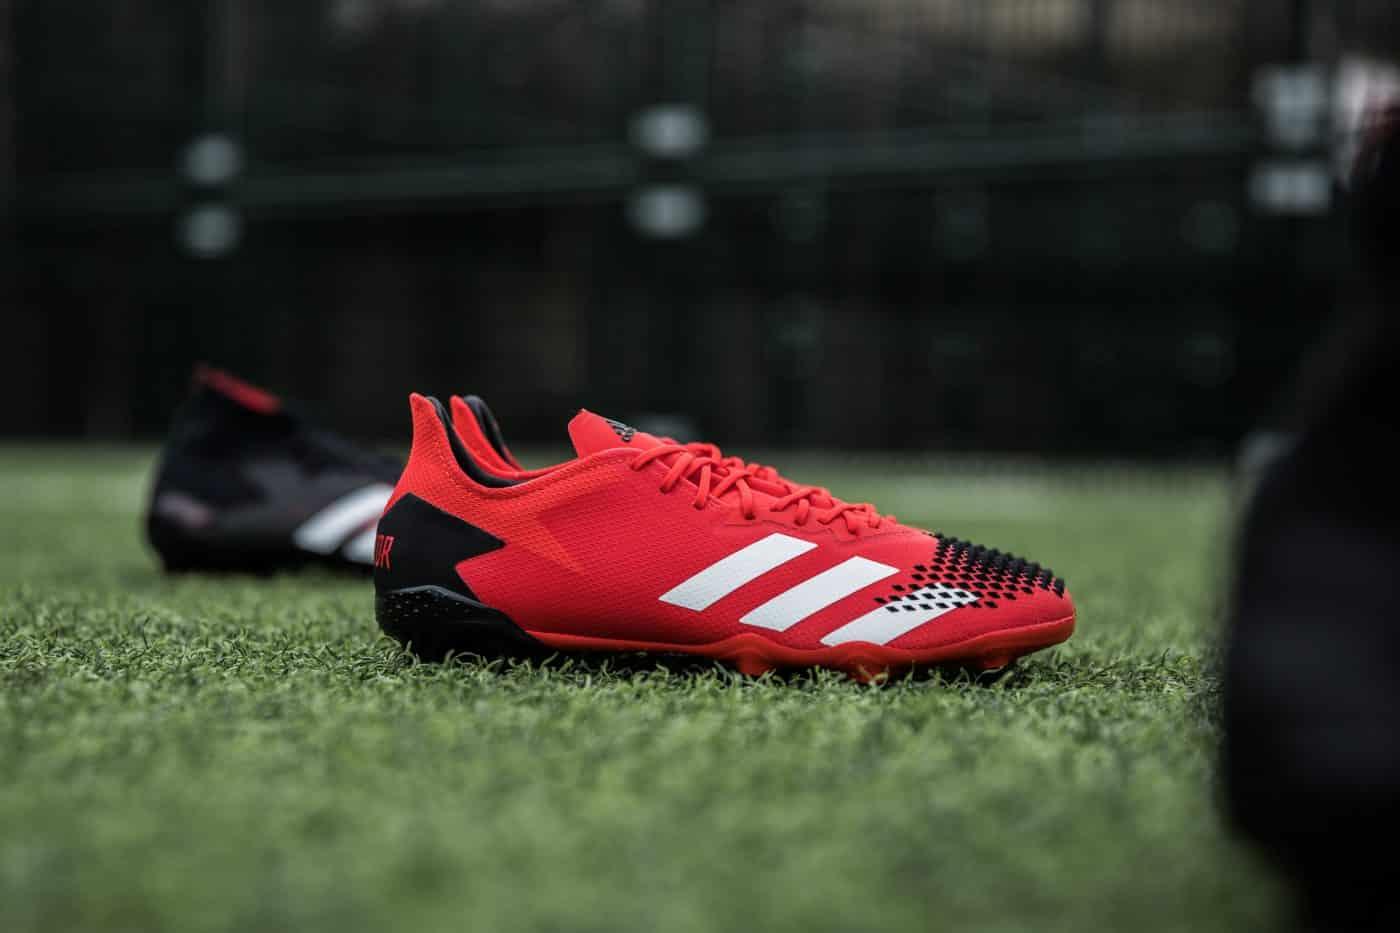 adidas-predator-20.2-gamme-footpack